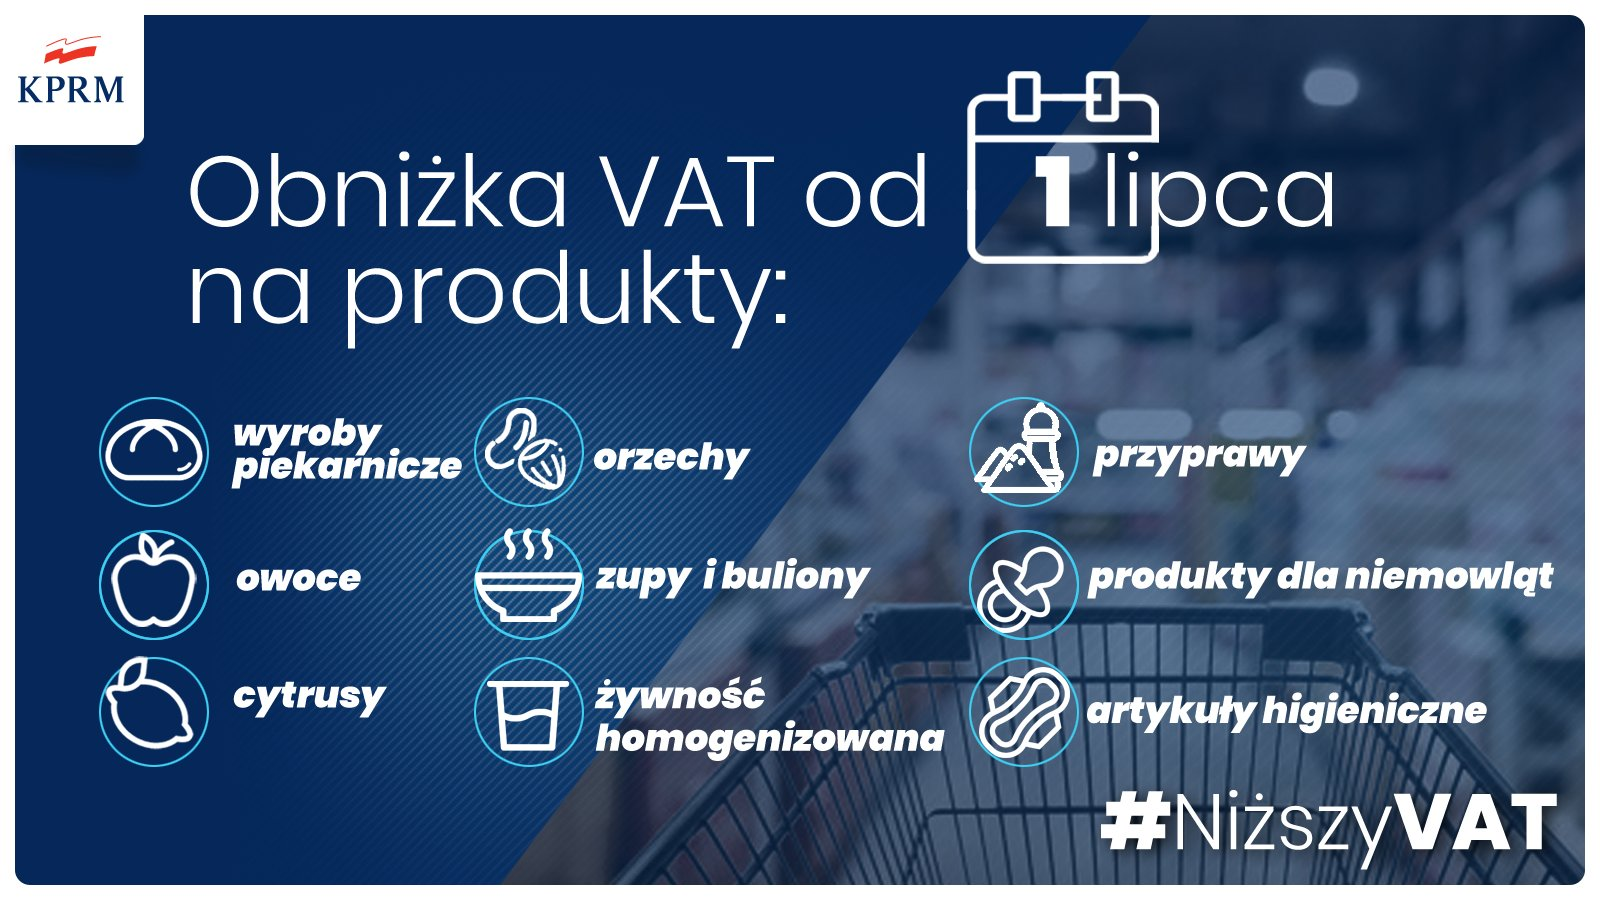 Zjednoczona Prawica otwiera nowy rozdział w uporządkowaniu stawek VAT. Zmiany były oczekiwane przez przedsiębiorców i przynoszą korzyści dla konsumentów. Celem nowej matrycy VAT jest uproszczenie i uporządkowanie obecnej sytuacji.